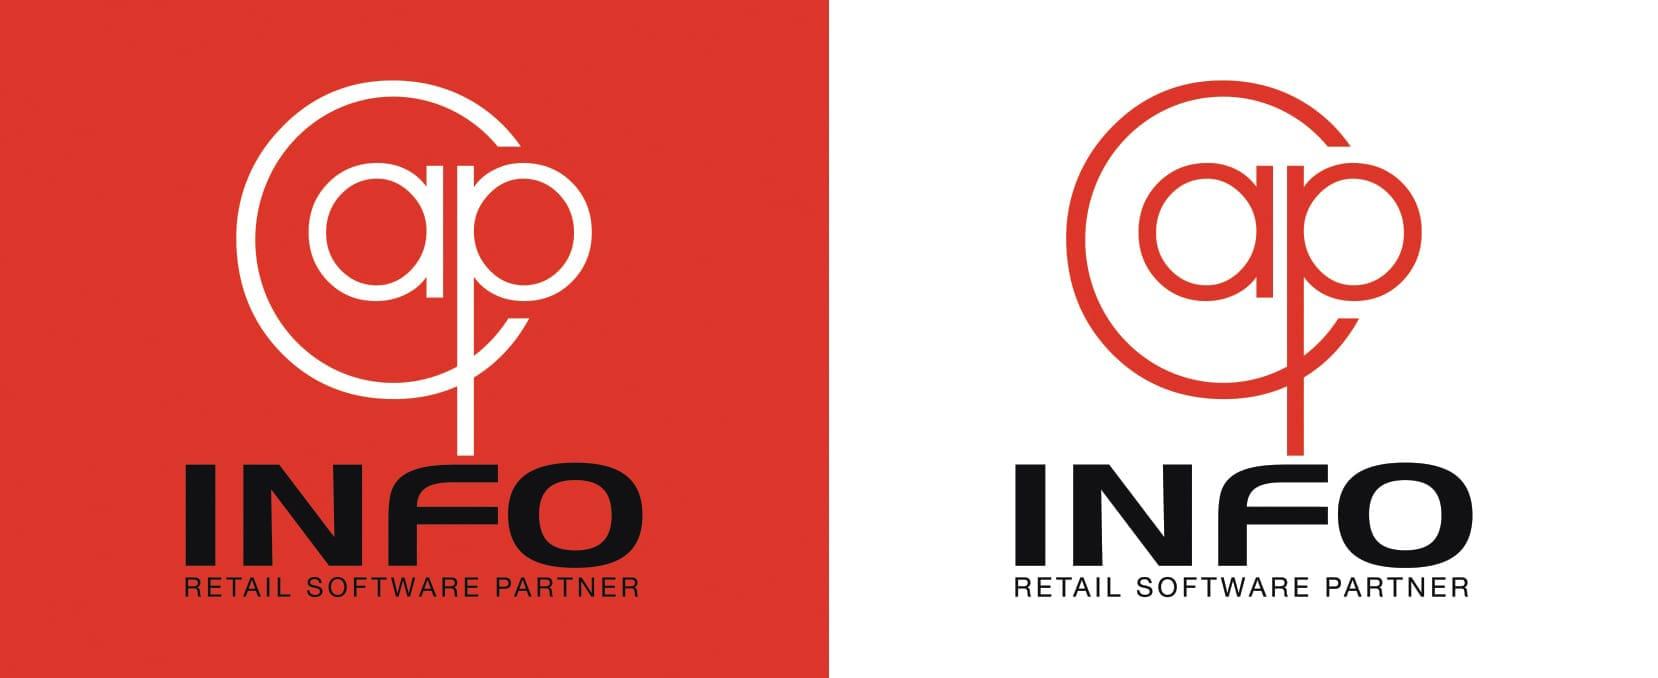 capinfo_logos